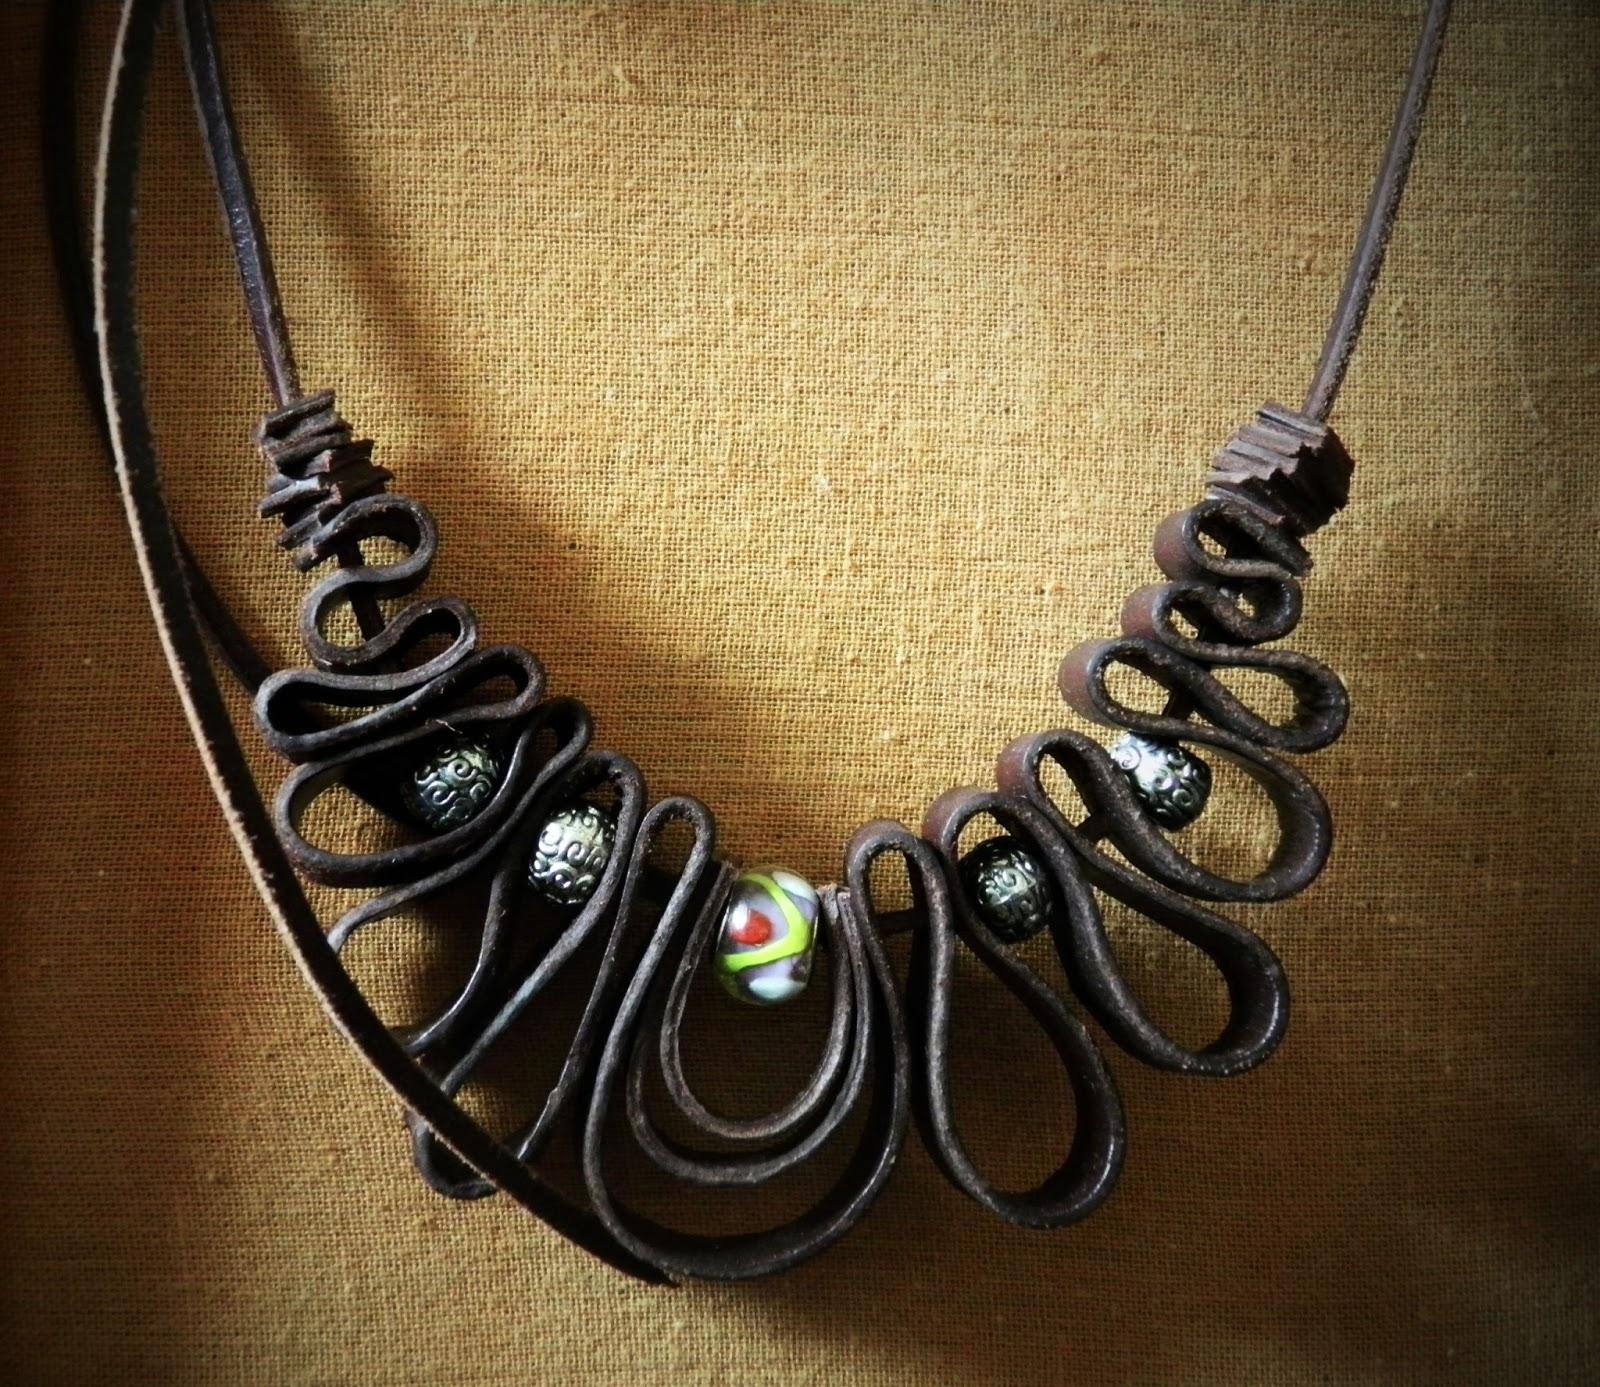 Artesania en cuero collares con retales cuero - Collares de cuero ...